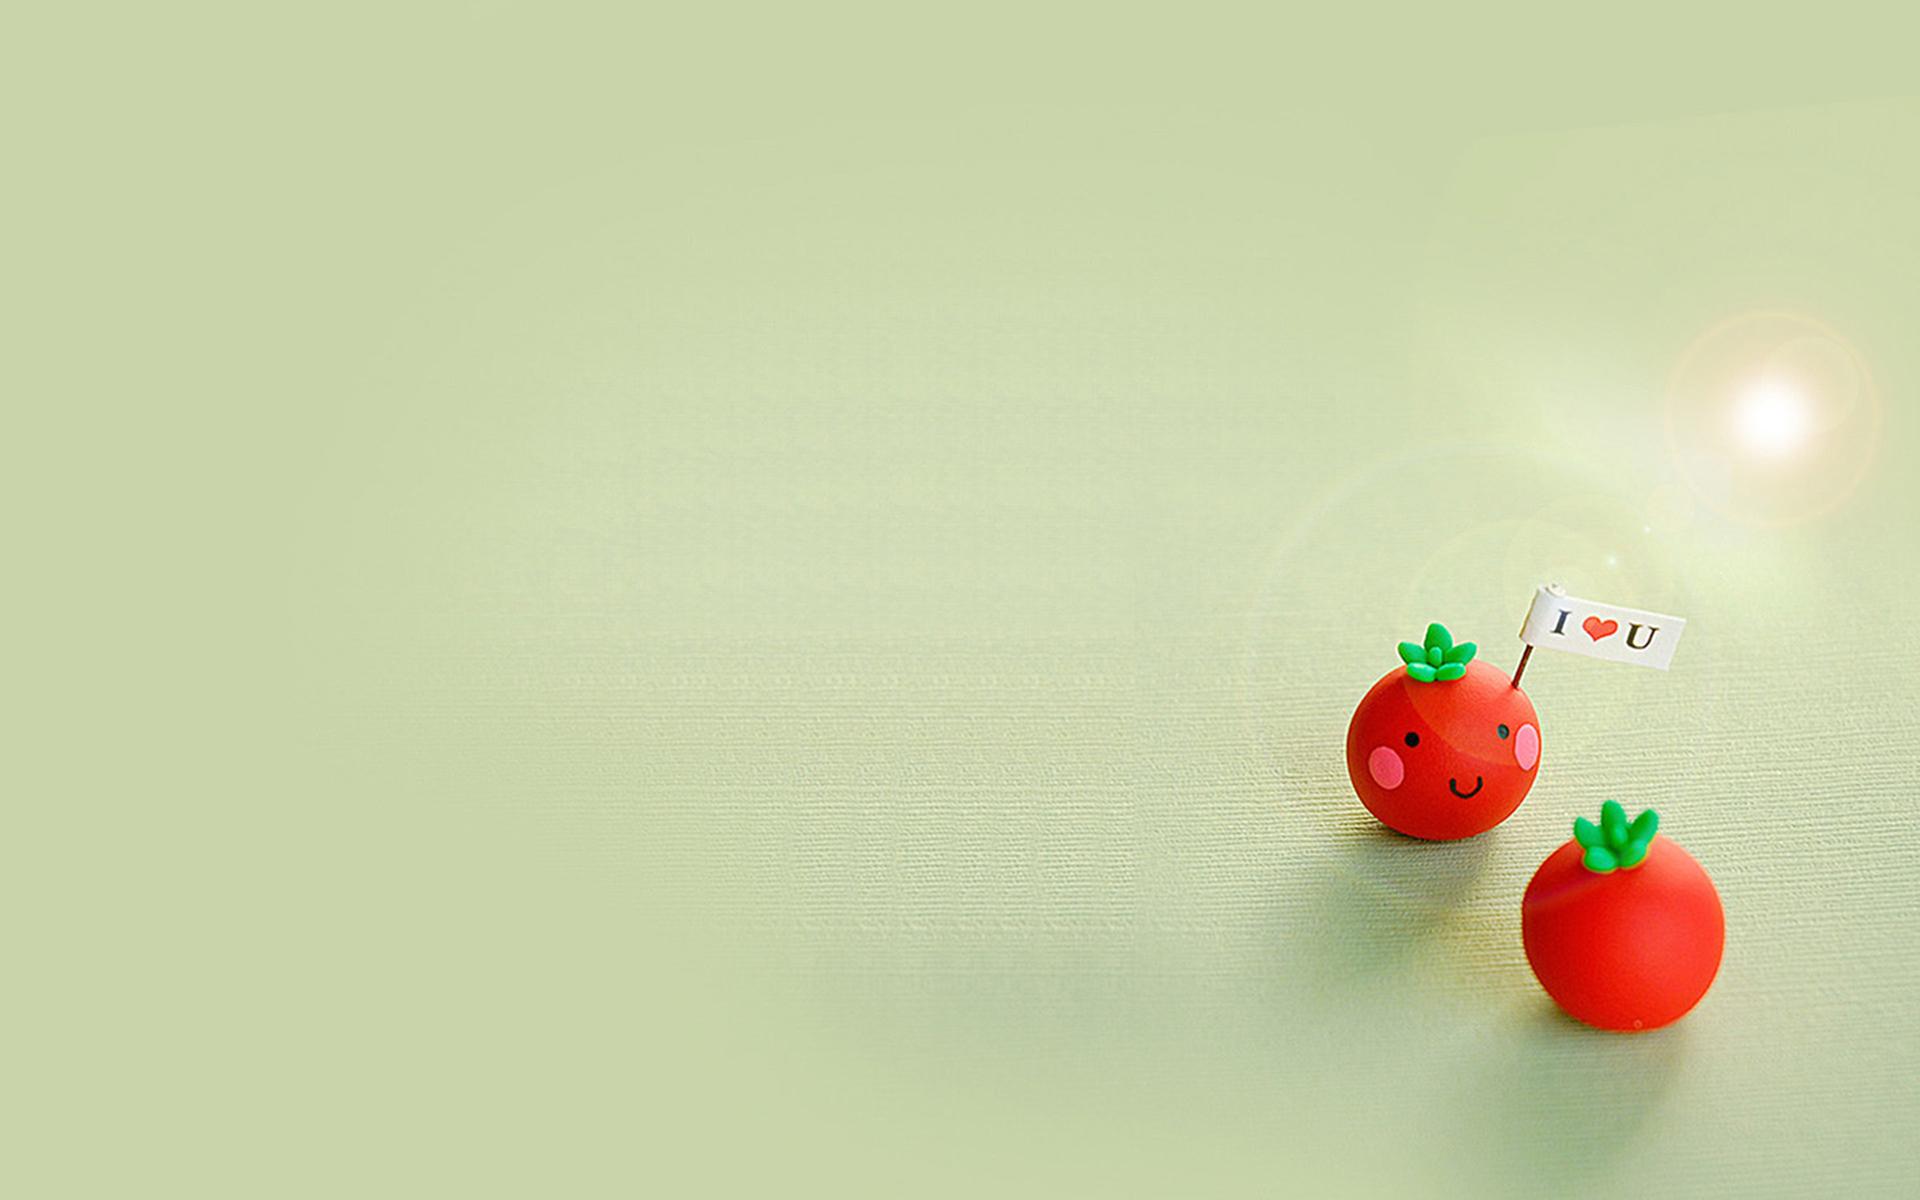 """可爱番茄玩偶的甜蜜表白PPT背景图片免费下载是由PPT宝藏(www.pptbz.com)会员zengmin上传推荐的淡雅PPT背景图片, 更新时间为2017-01-14,素材编号119174。 玩偶,指供儿童玩耍的人形玩具。语出巴金《利娜》上篇:""""我和那些最时髦的小姐完全一样,又可以说完全像一个 巴黎 制造的玩偶。"""" 玩偶,取自动物外貌的玩具通称为玩偶。在中文中娃娃也有小孩的意思,故用这个词语来指称这些按比例缩小的人偶。 娃娃的外型面貌从抽象到拟真,涵盖不同种族、年龄、性别的外型;各国各种族都因为各自"""